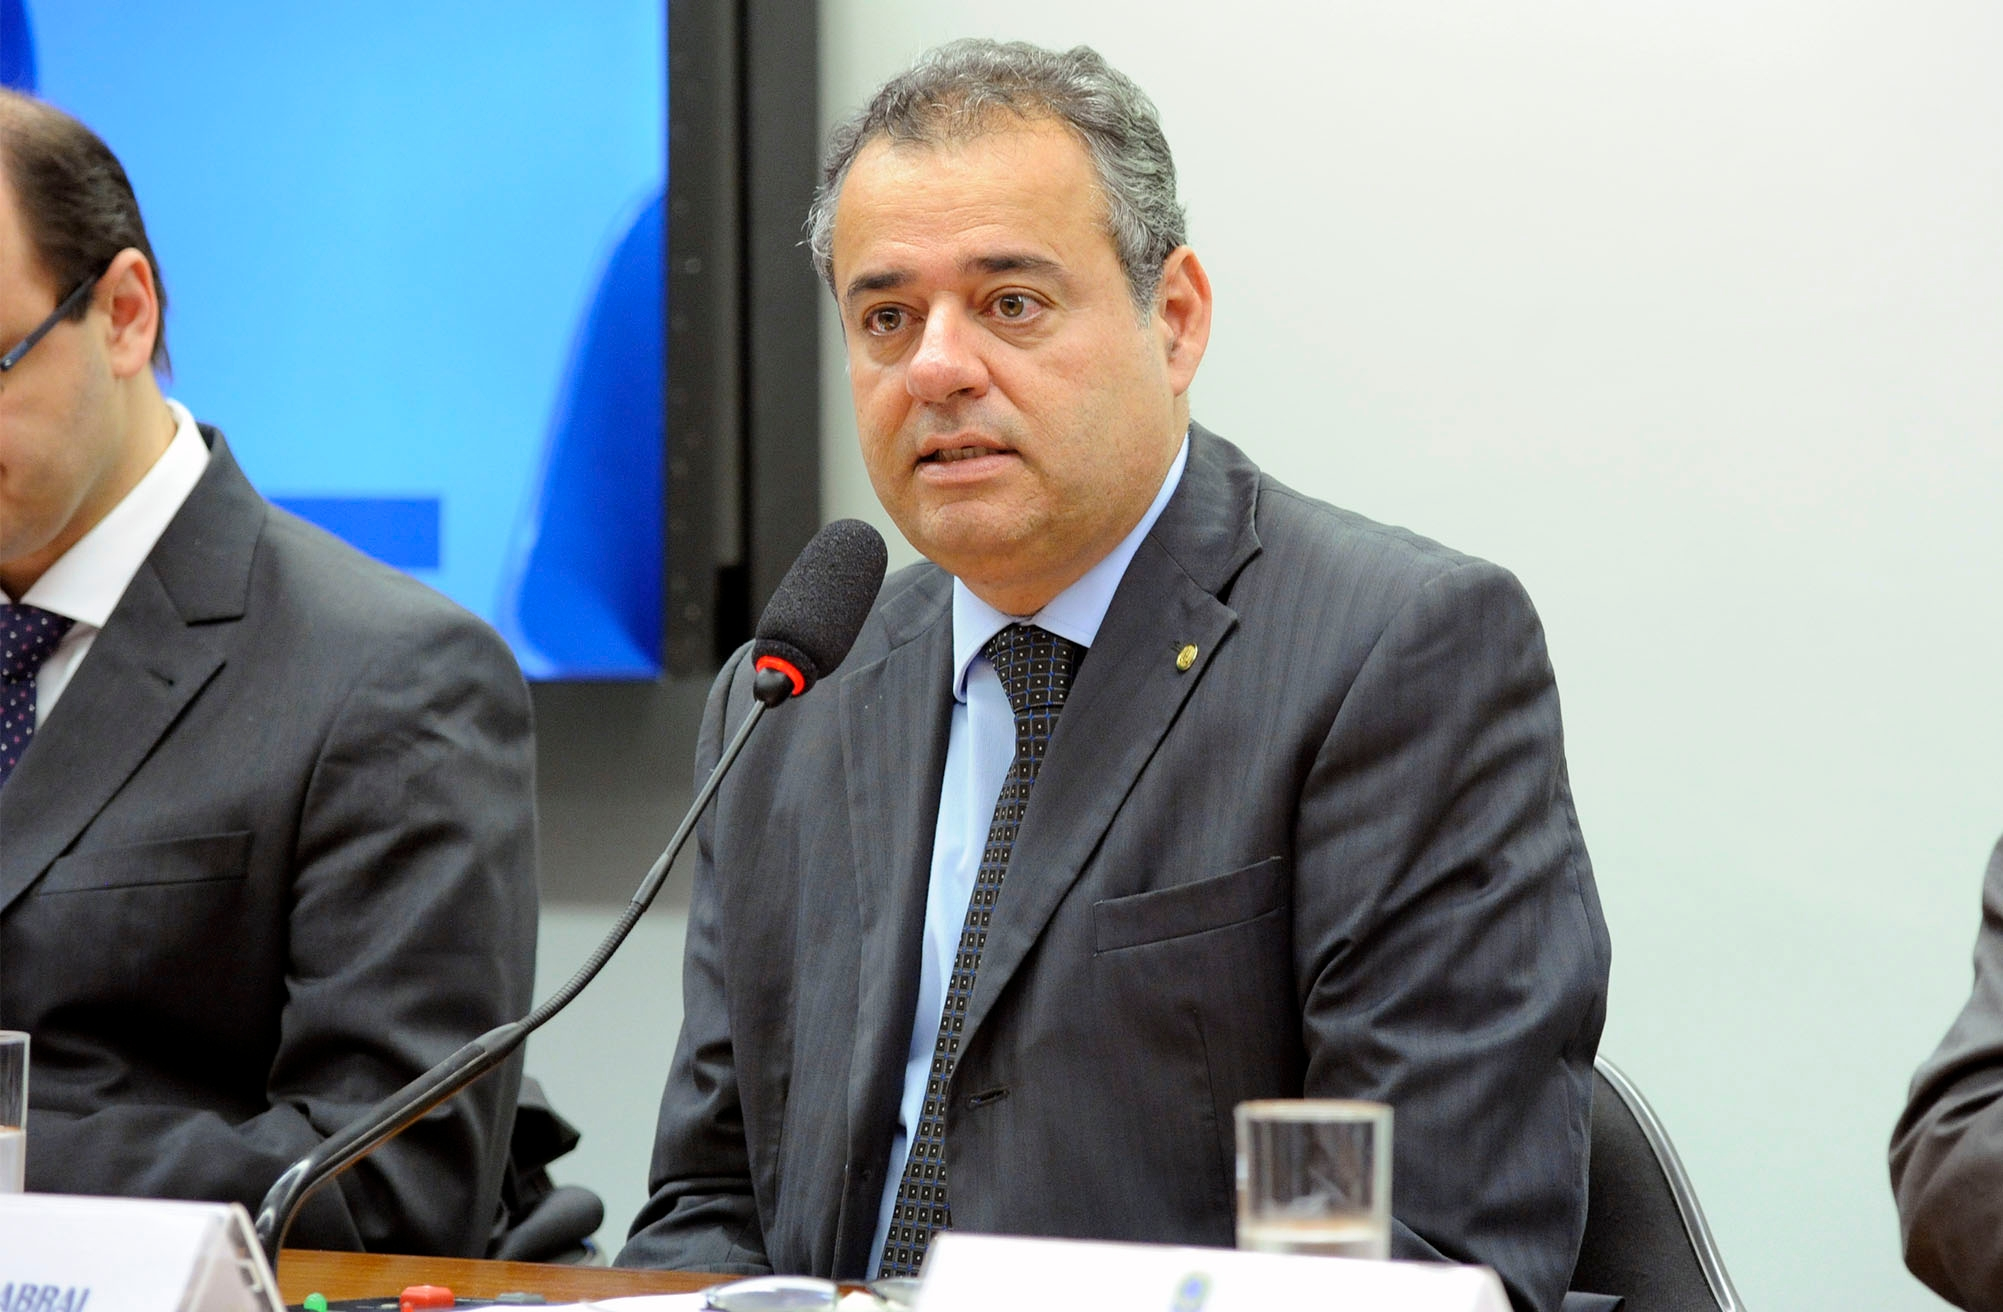 Reunião ordinária. Dep. Danilo Cabral (PSB - PE)